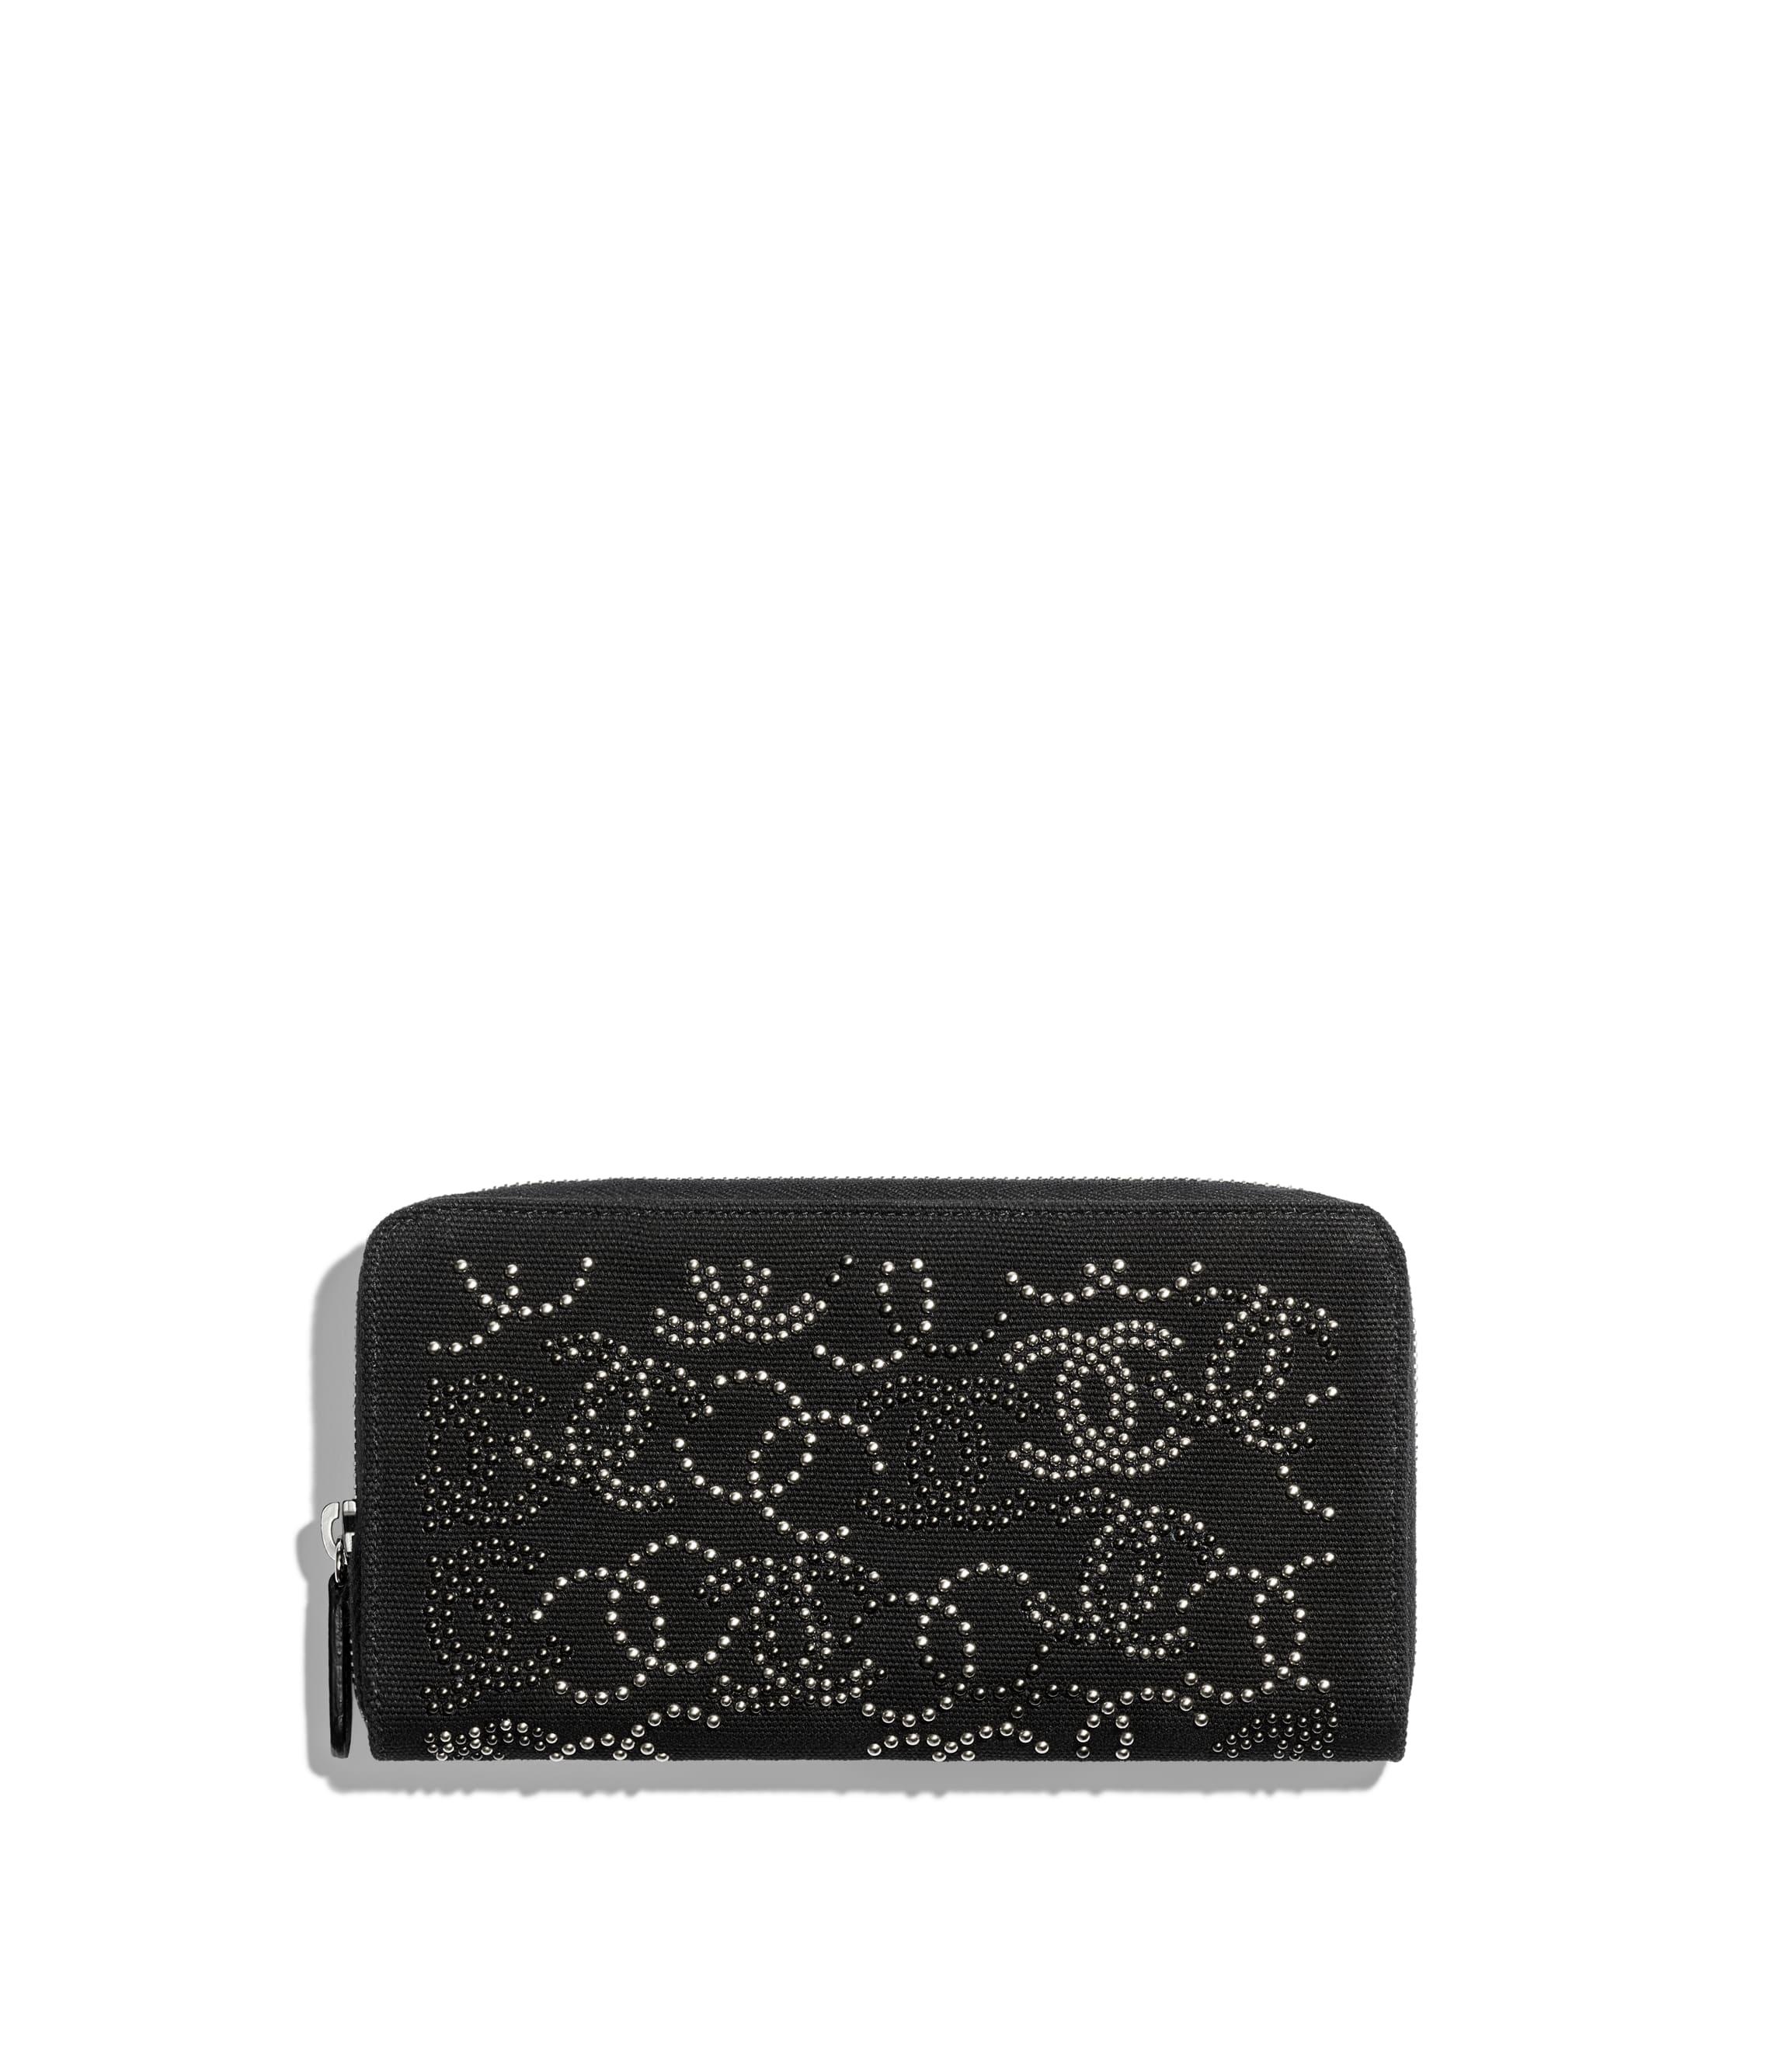 Portefeuilles longs - Petite maroquinerie - CHANEL c015e03bde8